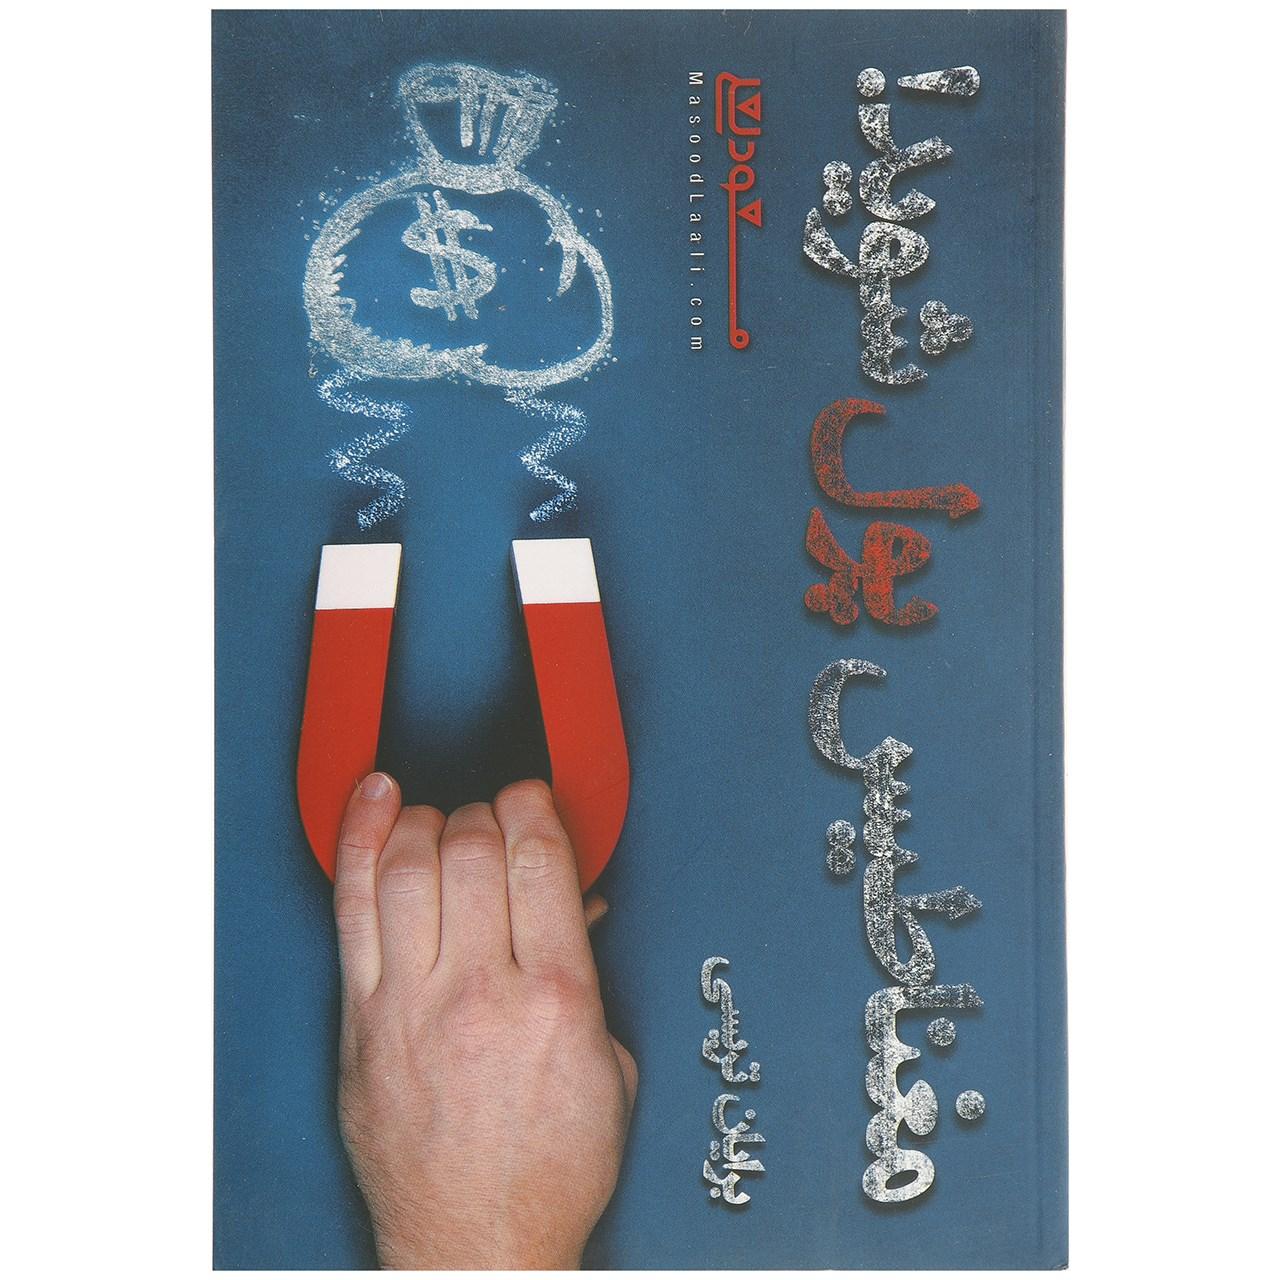 کتاب مغناطیس پول شوید اثر برایان تریسی